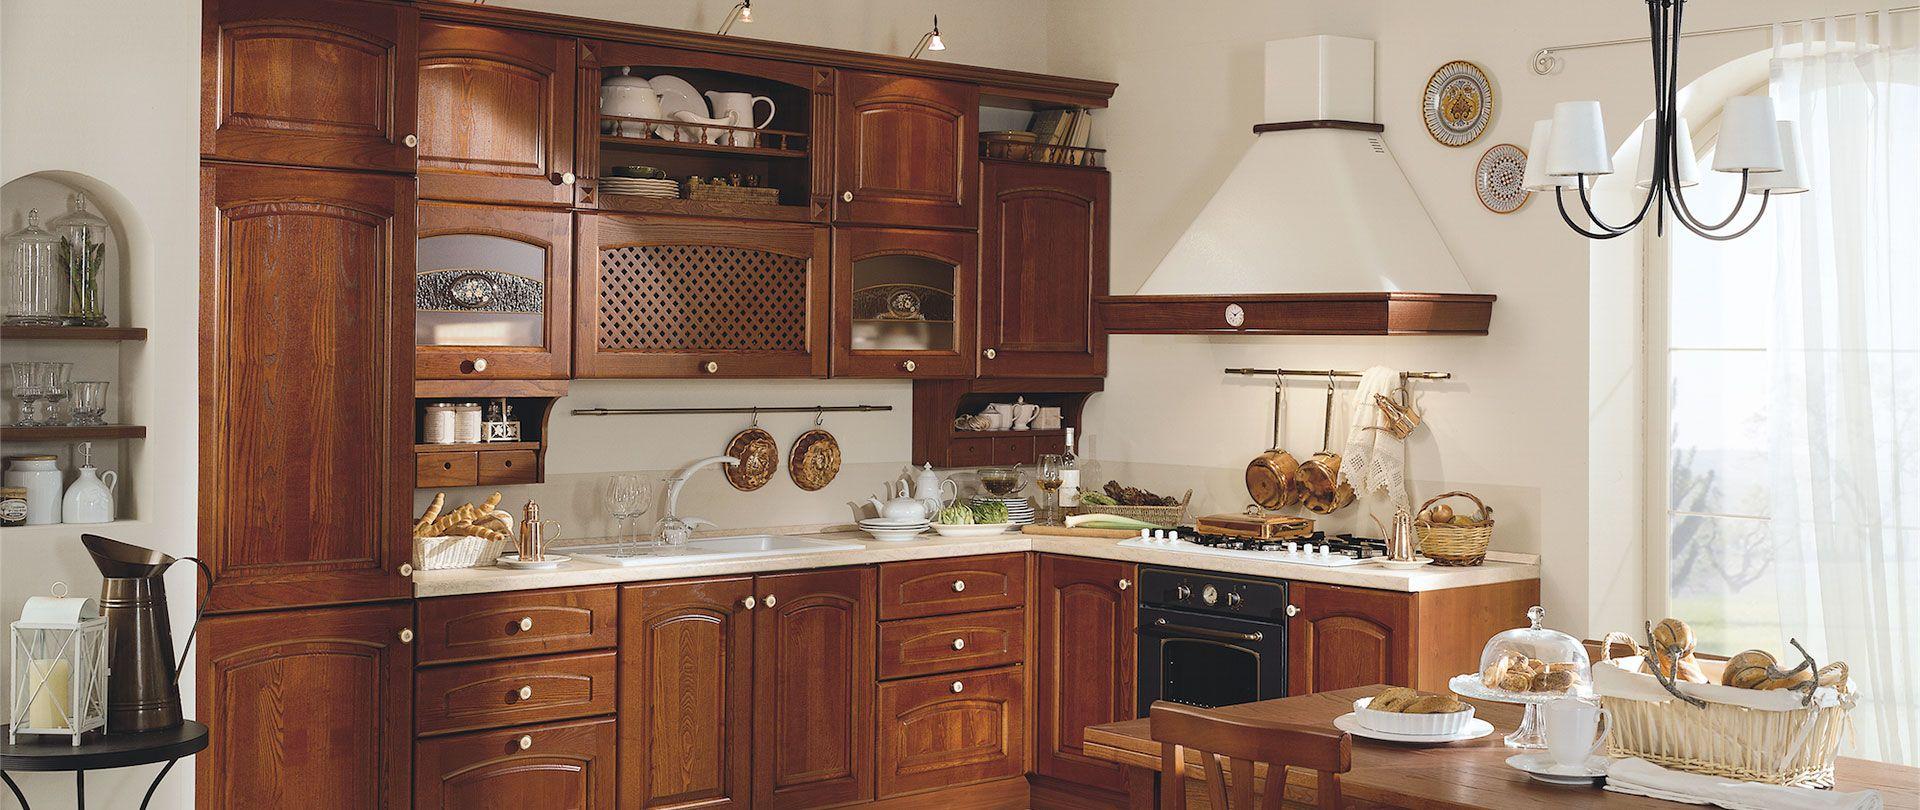 Cucina Bianca E Ciliegio cucina in ciliegio | cucina in ciliegio, cucine, design